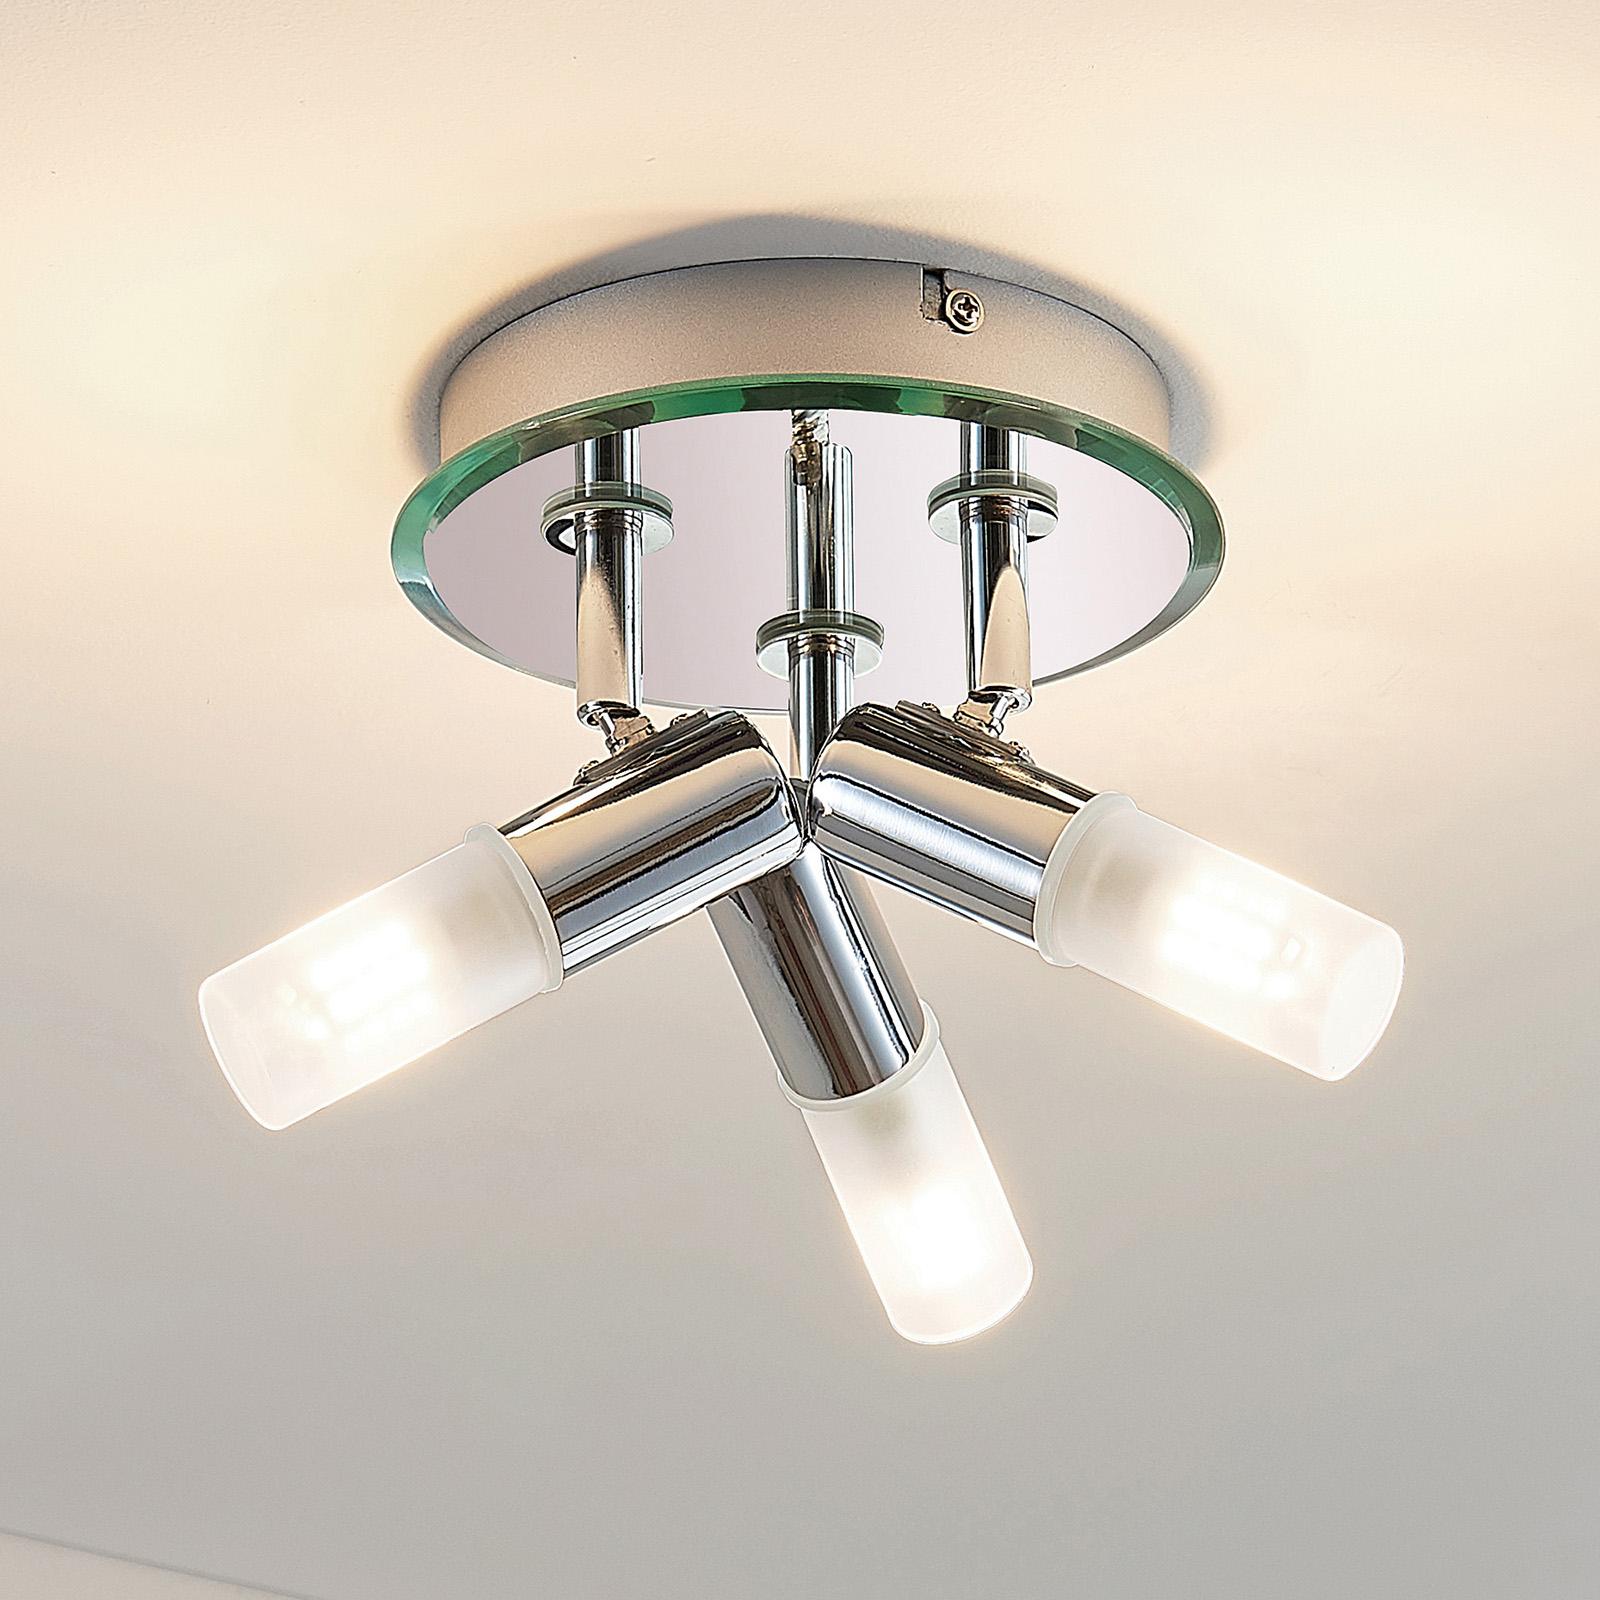 Kruhové stropní světlo do koupelny Zela, 3zdrojové